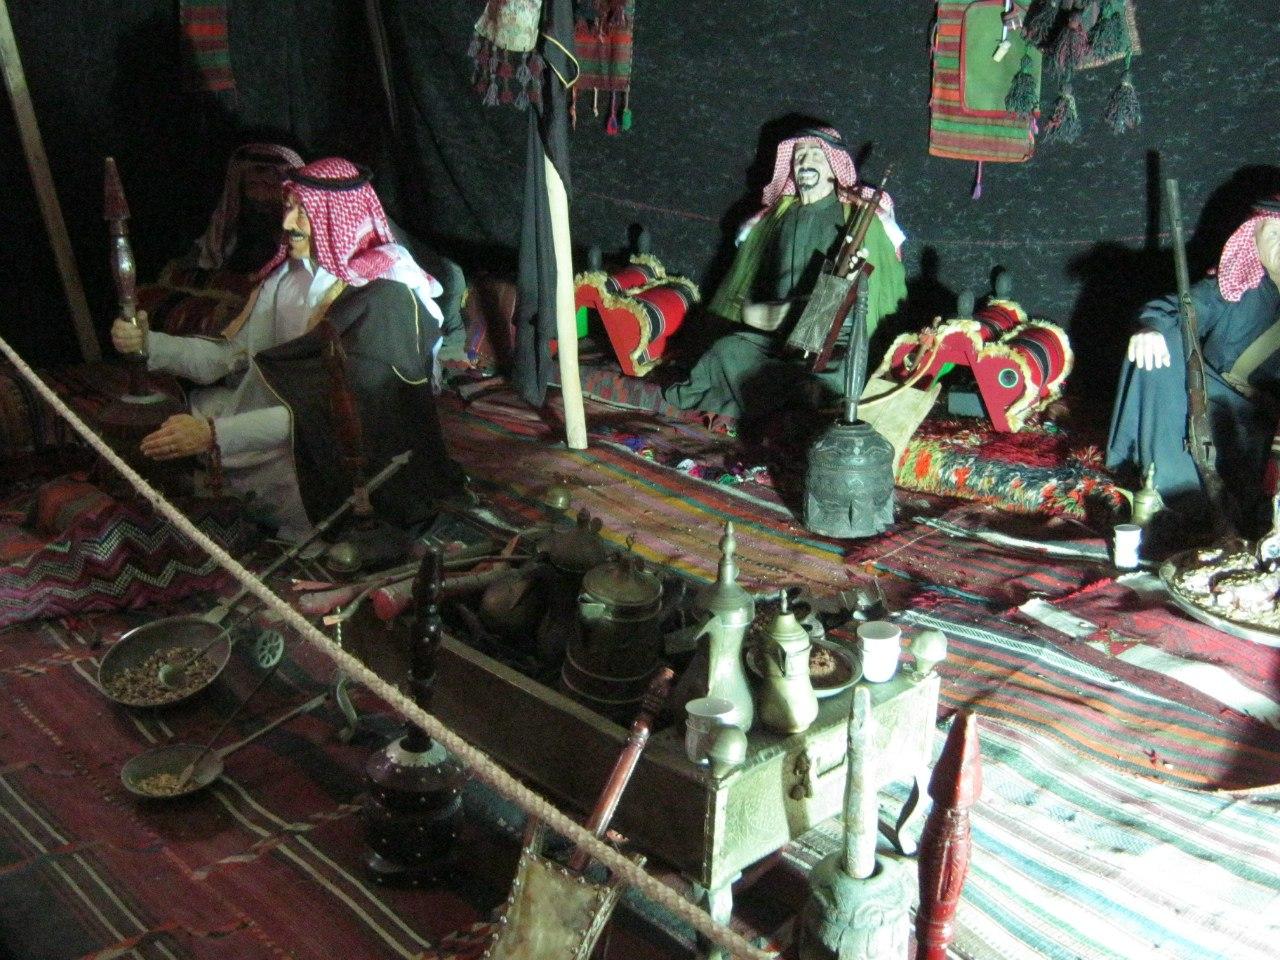 традиционная жизнь арабов и бедуинов